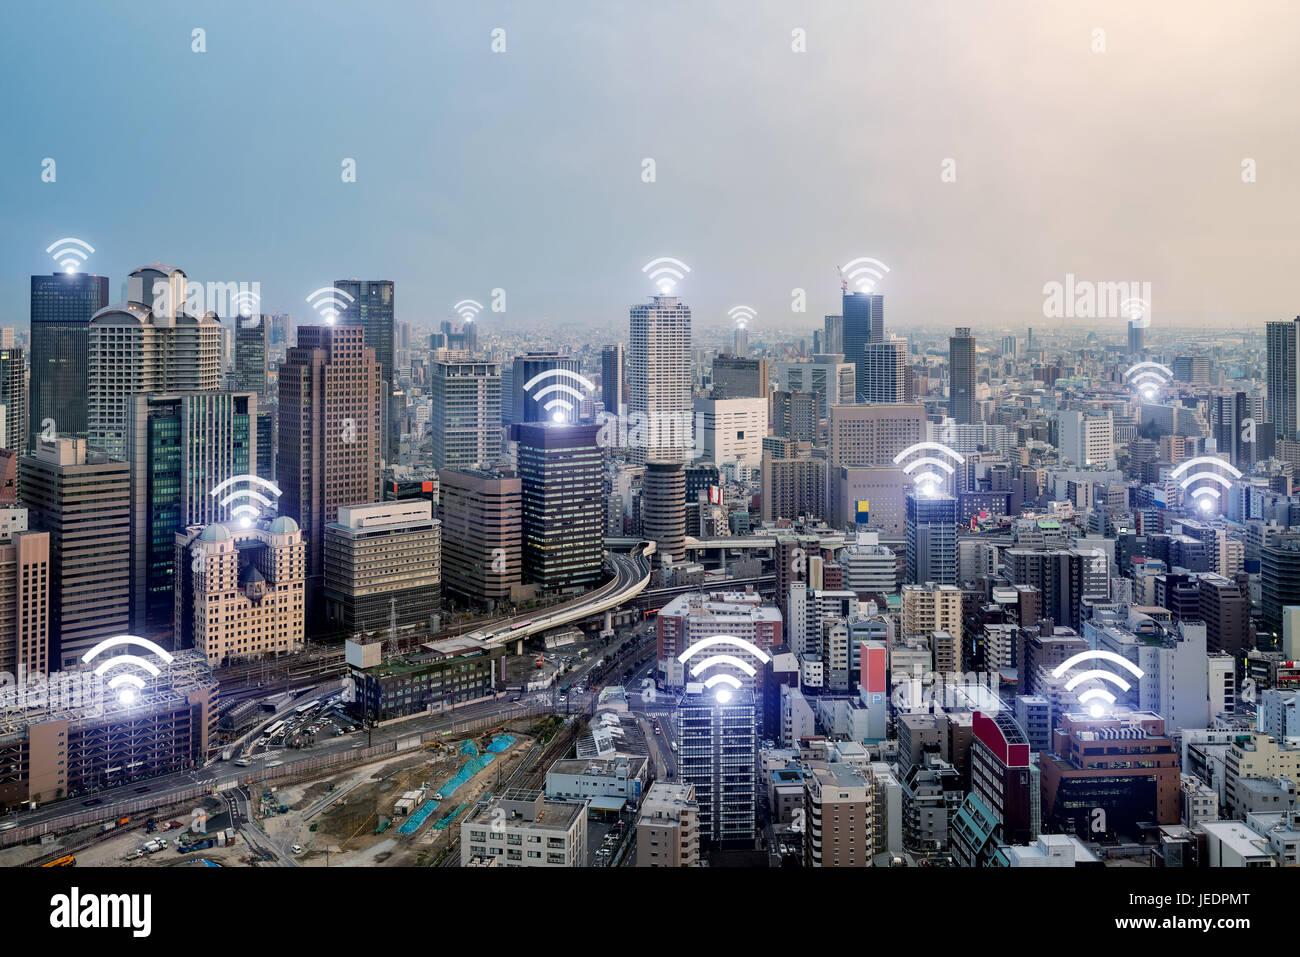 WiFi-Symbol und Osaka Stadt mit drahtlosen Netzwerkverbindung. Intelligente Stadt Osaka und drahtlose Kommunikationsnetz, Stockbild